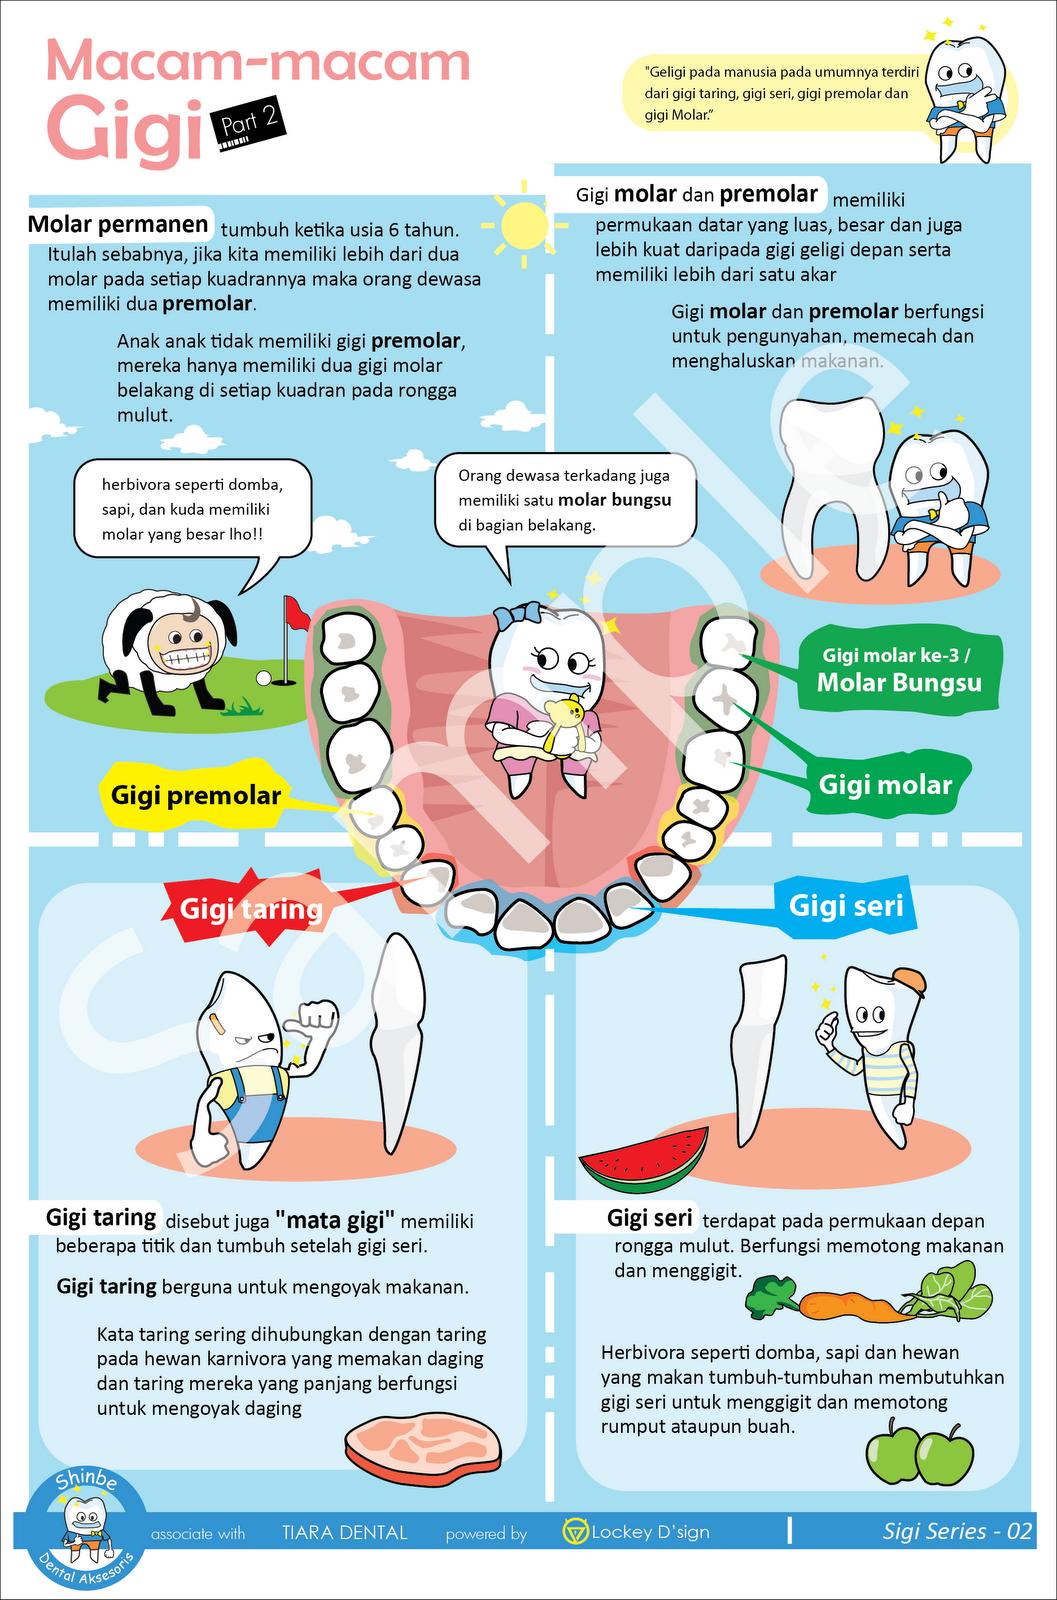 Hidup Sehat Poster Penyuluhan Kesehatan Gigi Dan Mulut